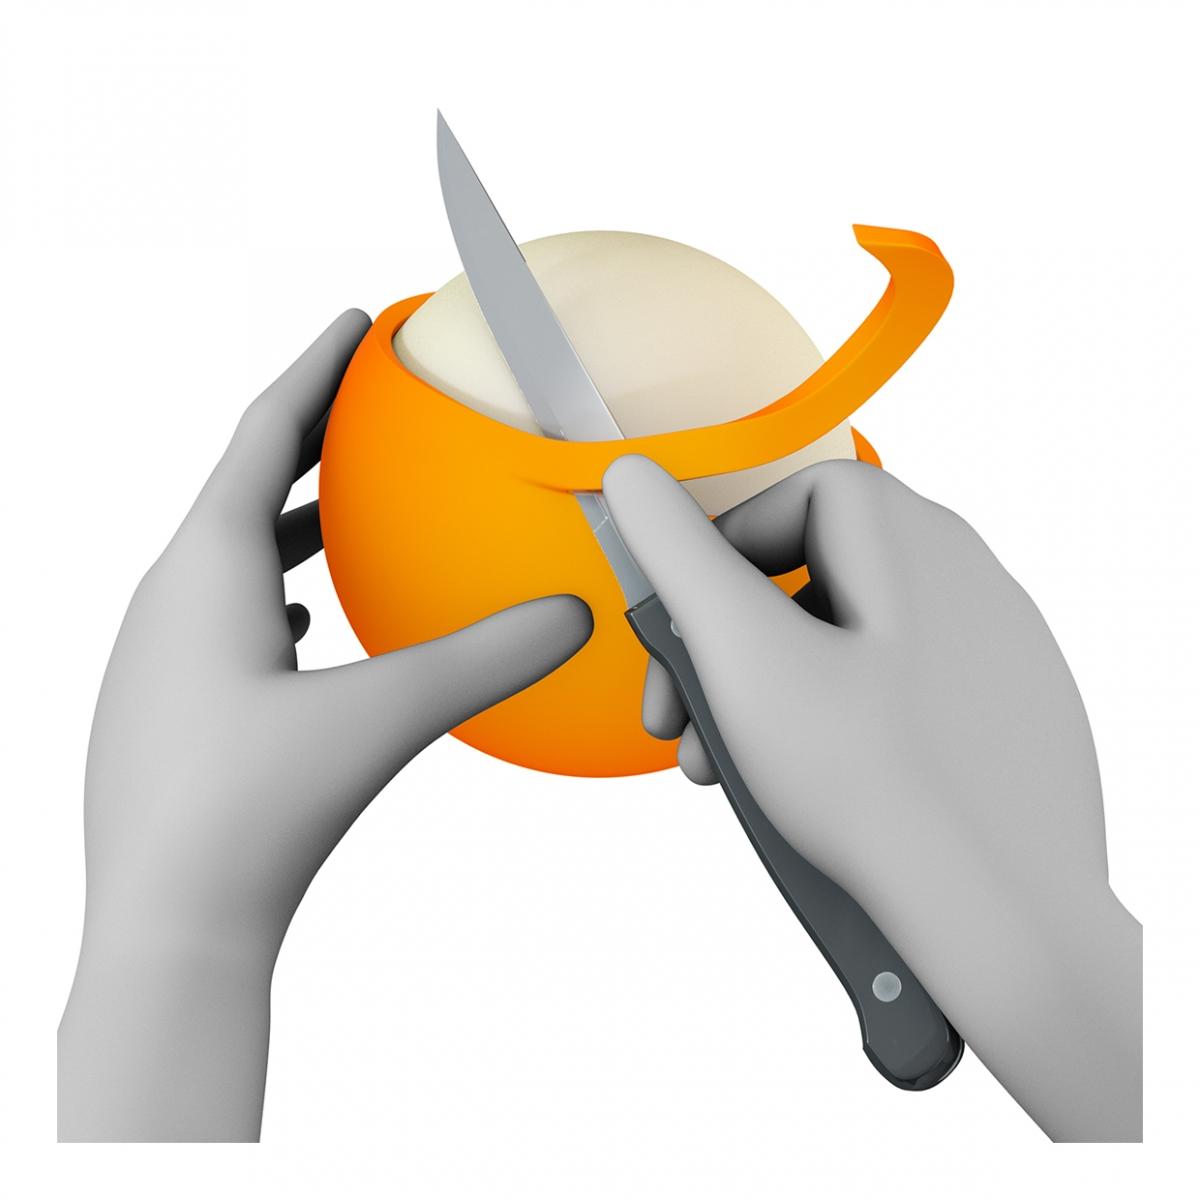 Imagen en la que se ven unas manos pelando algo con cuchillo